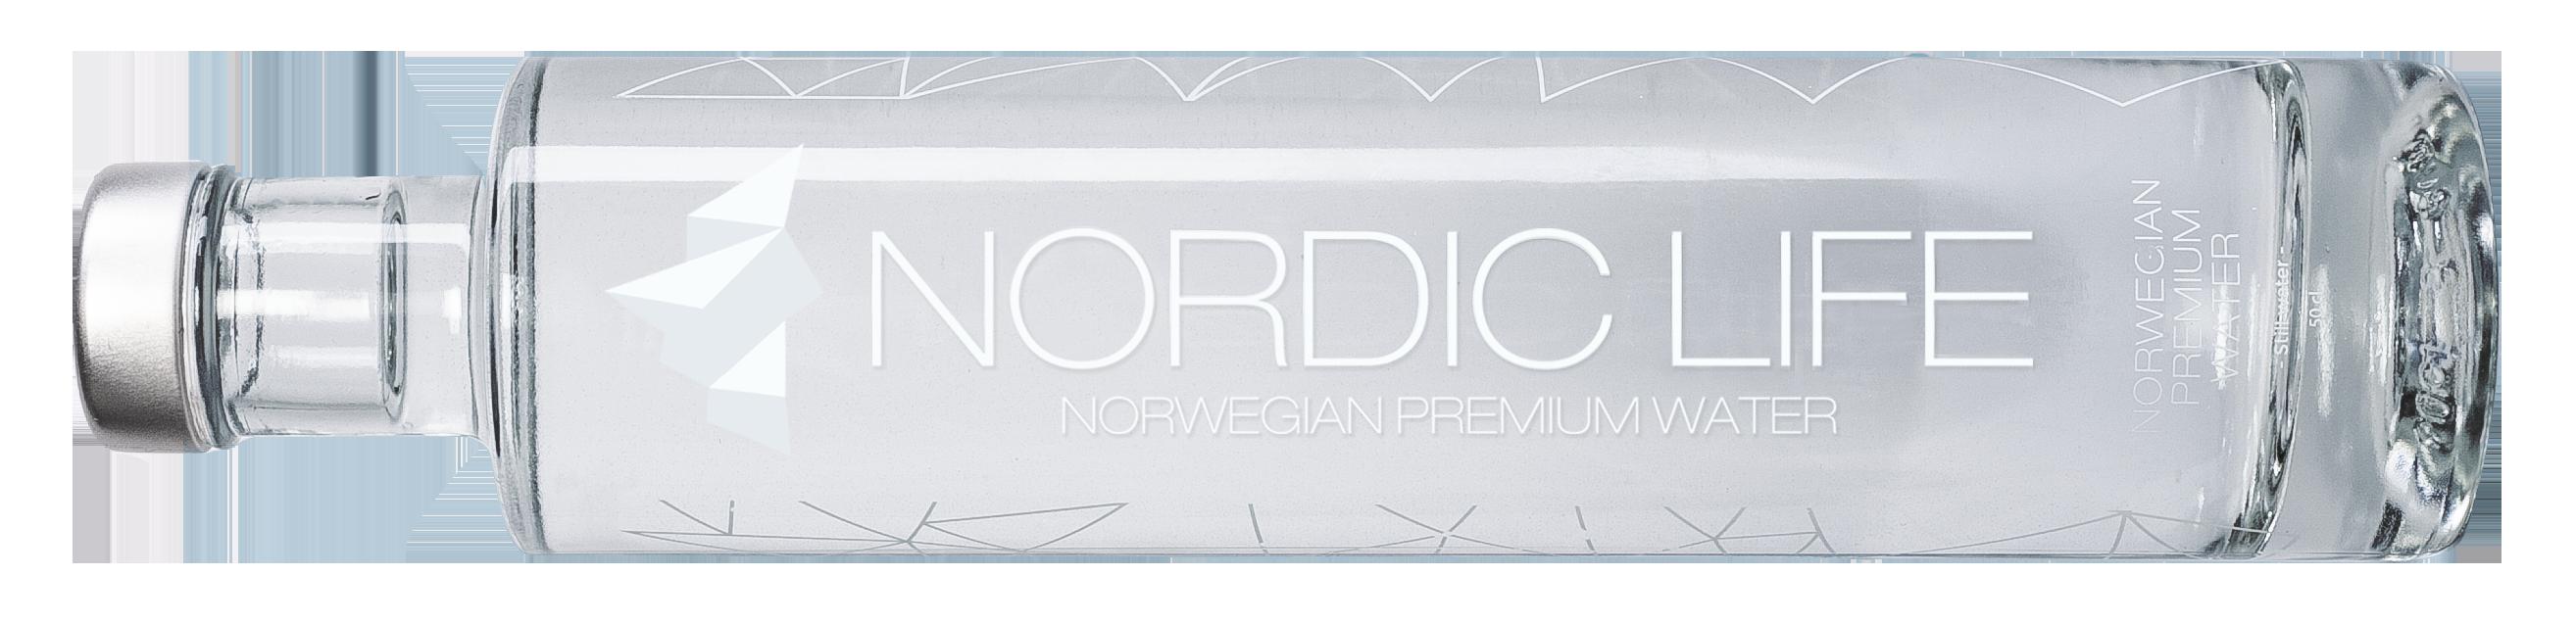 botella Nordic Life Horizontal